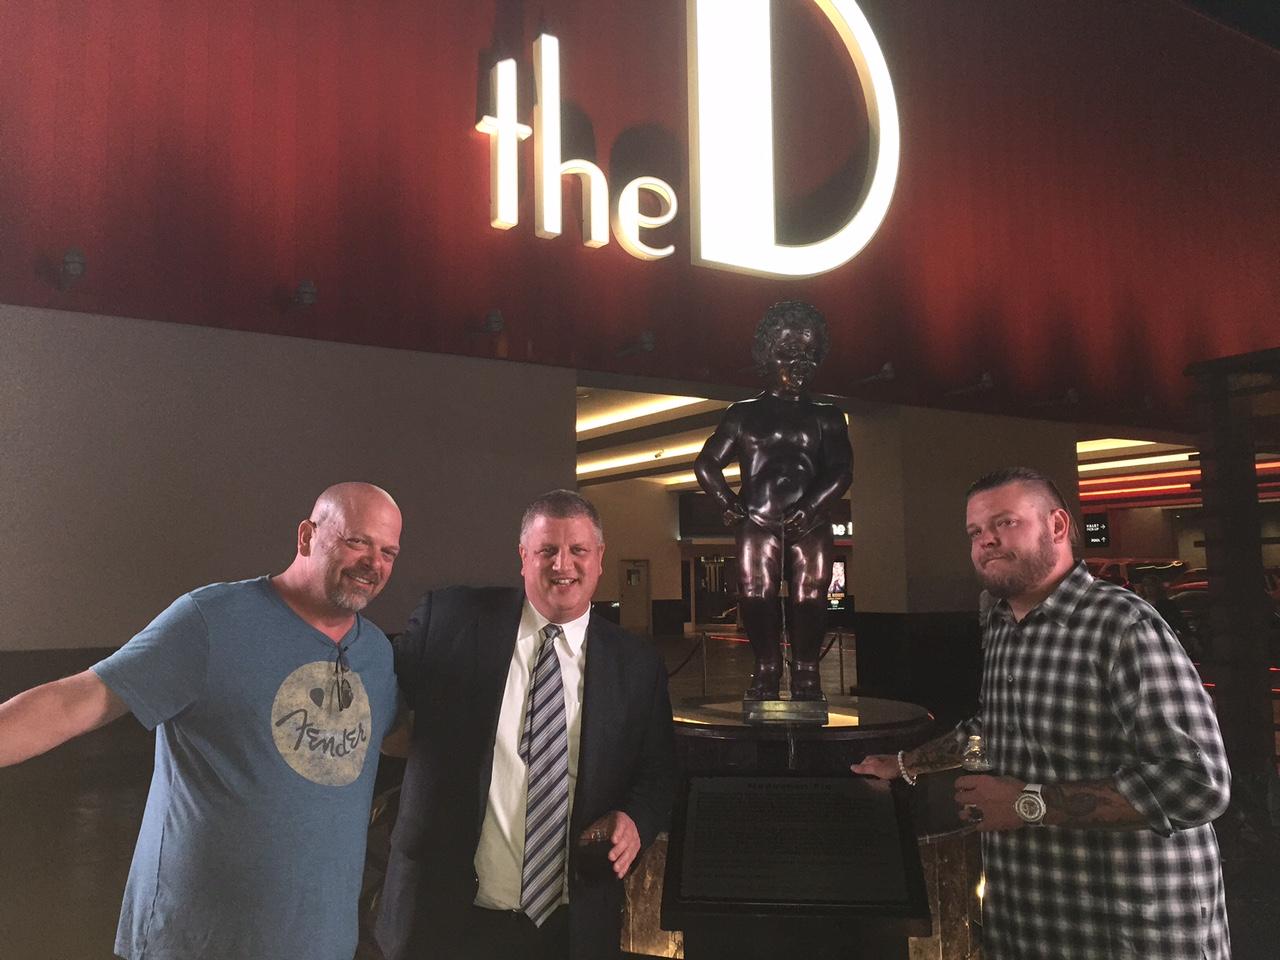 From left, Rick Harrison, D Las Vegas owner Derek Stevens and Corey Harrison.